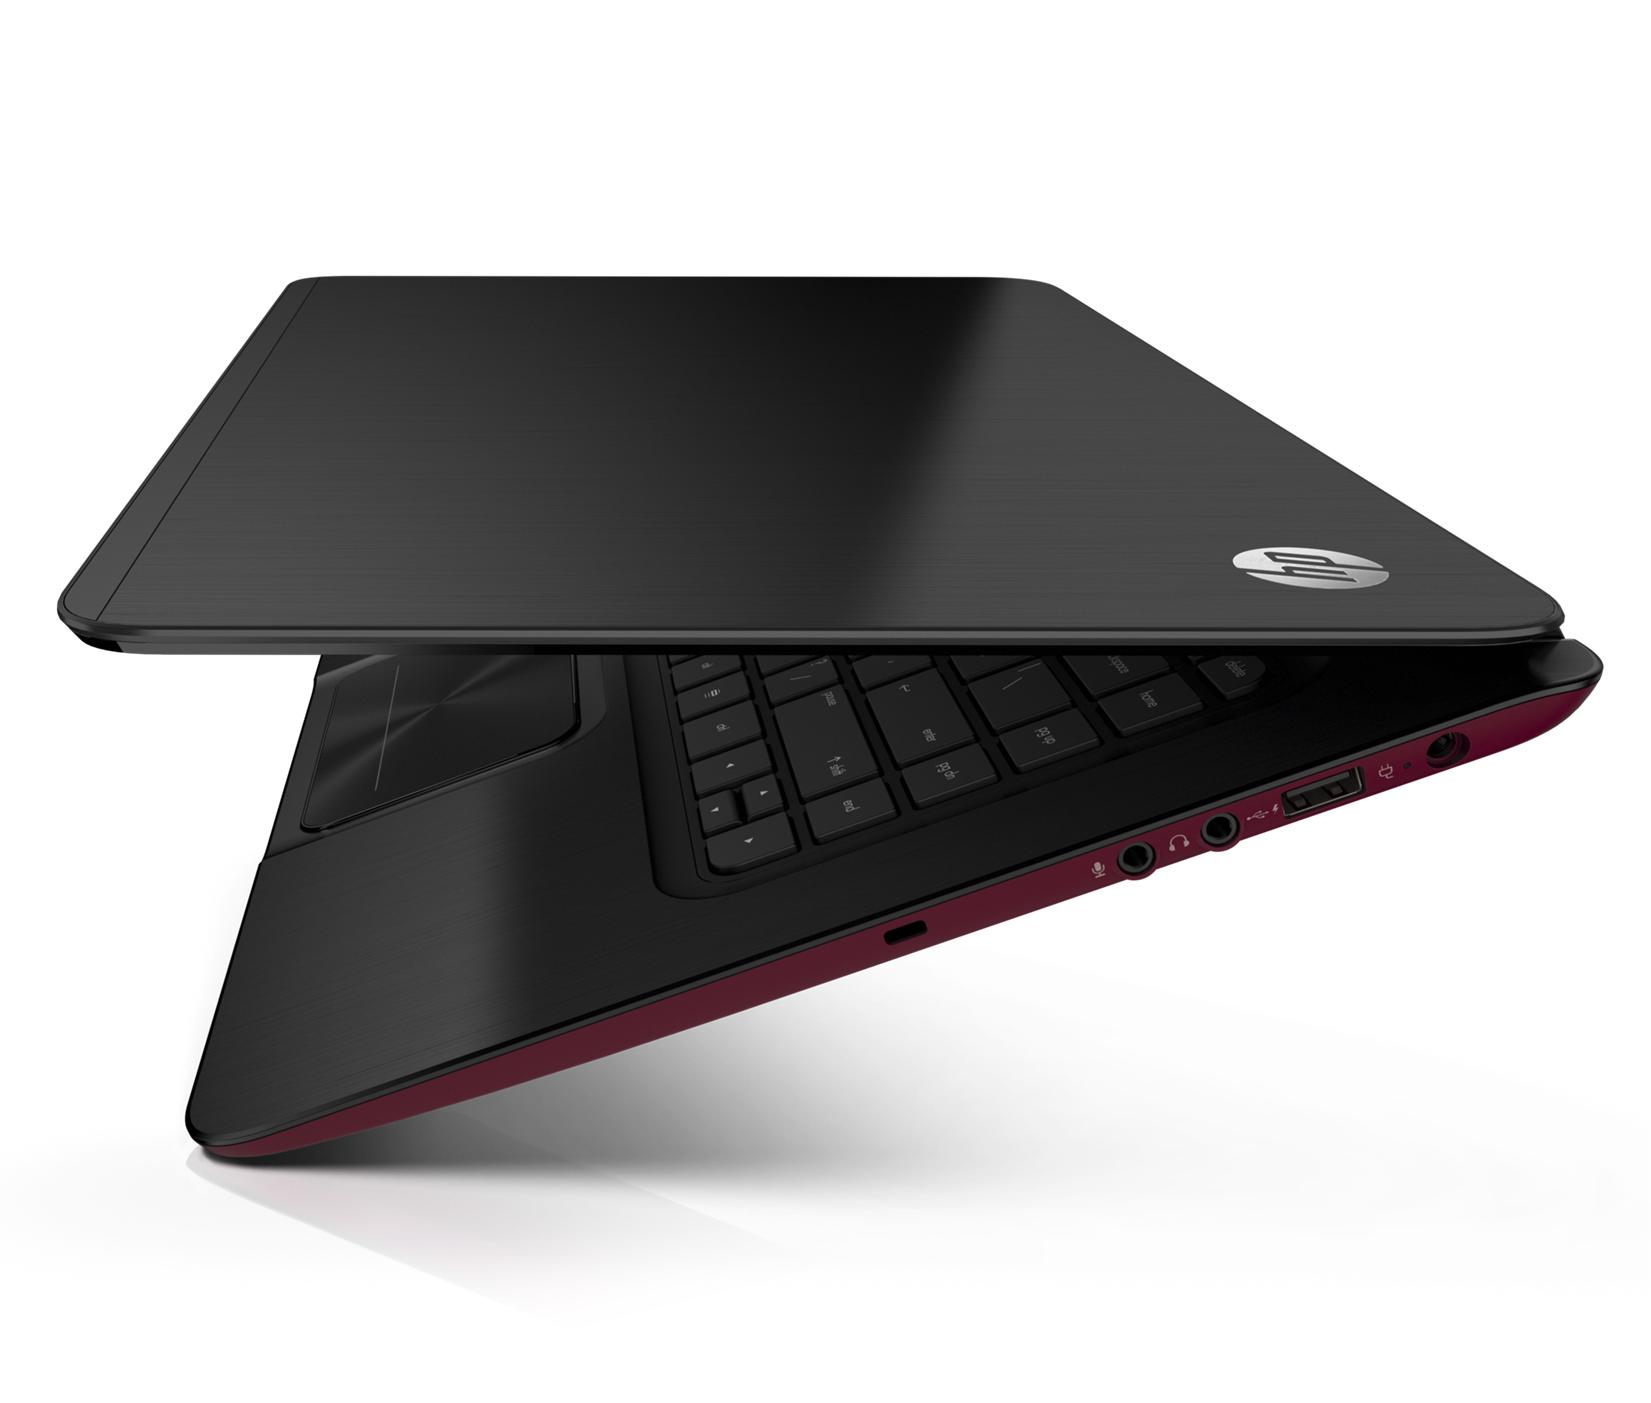 ���� ��� ������ ���� ����  ��������:HP-ENVY-4-Ultrabook_1.jpg ���������:2 ��������:307.7 �������� �����:25393